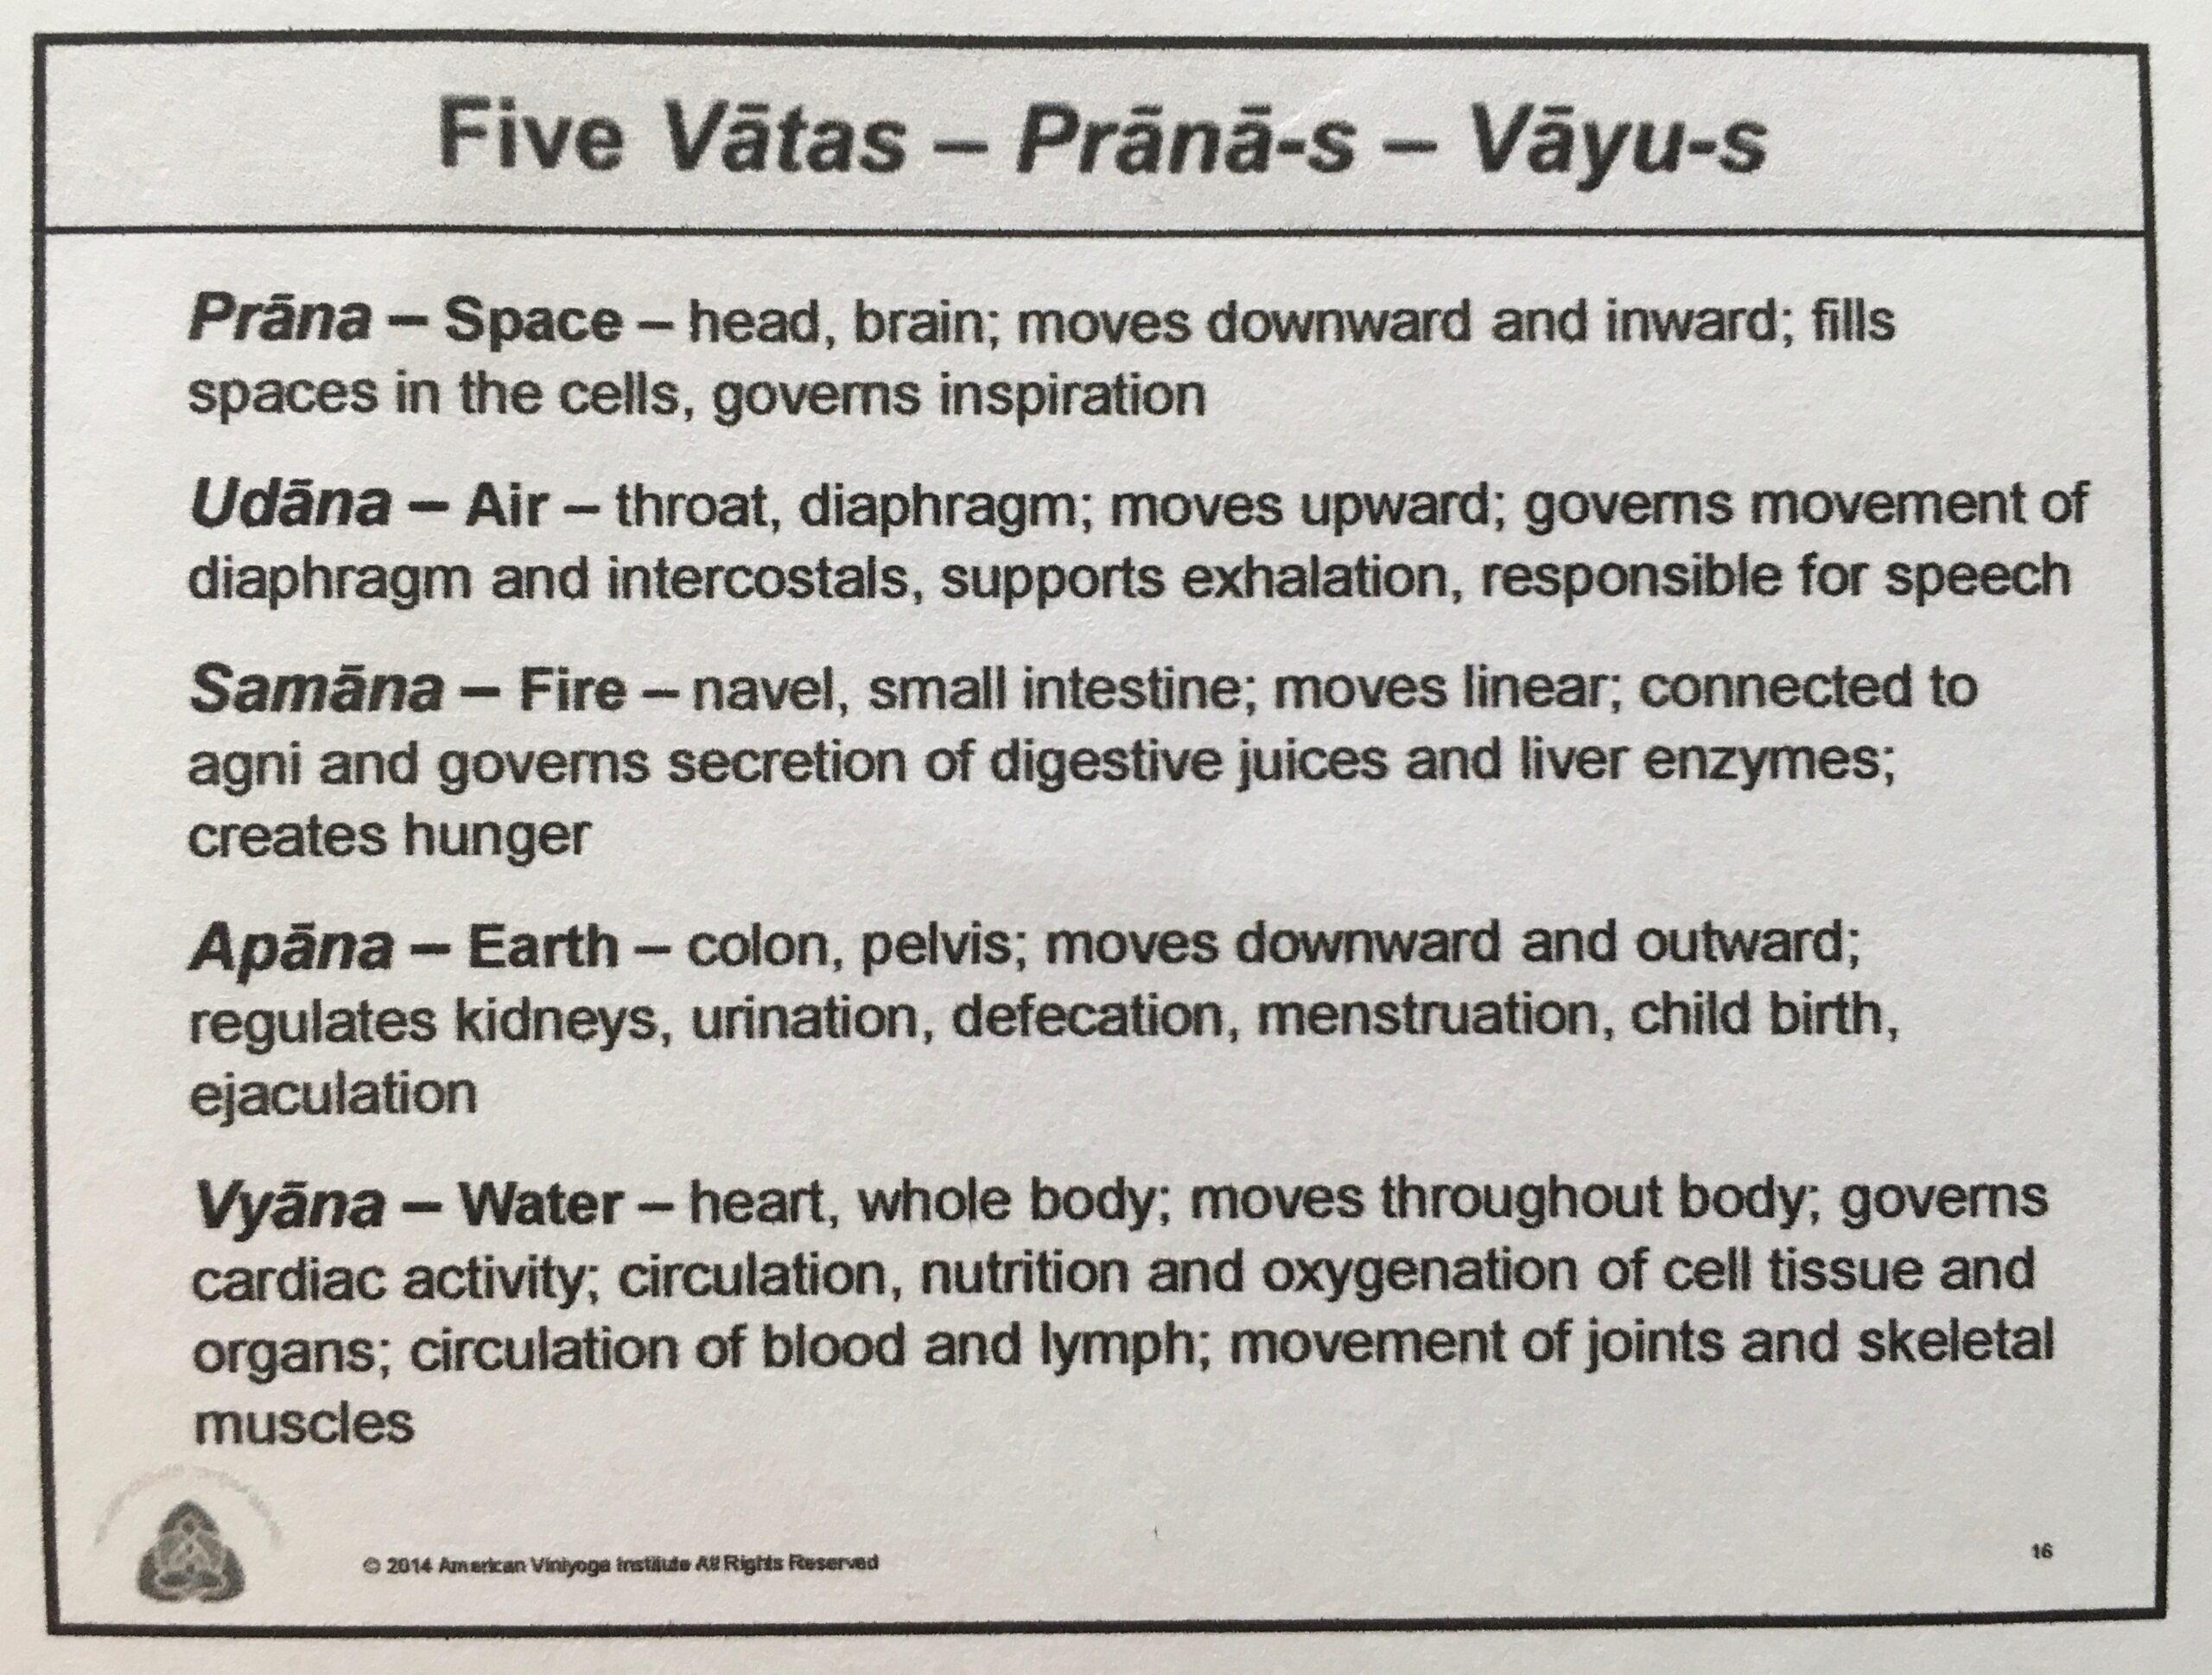 Five Vatas-Pranas-Vayus